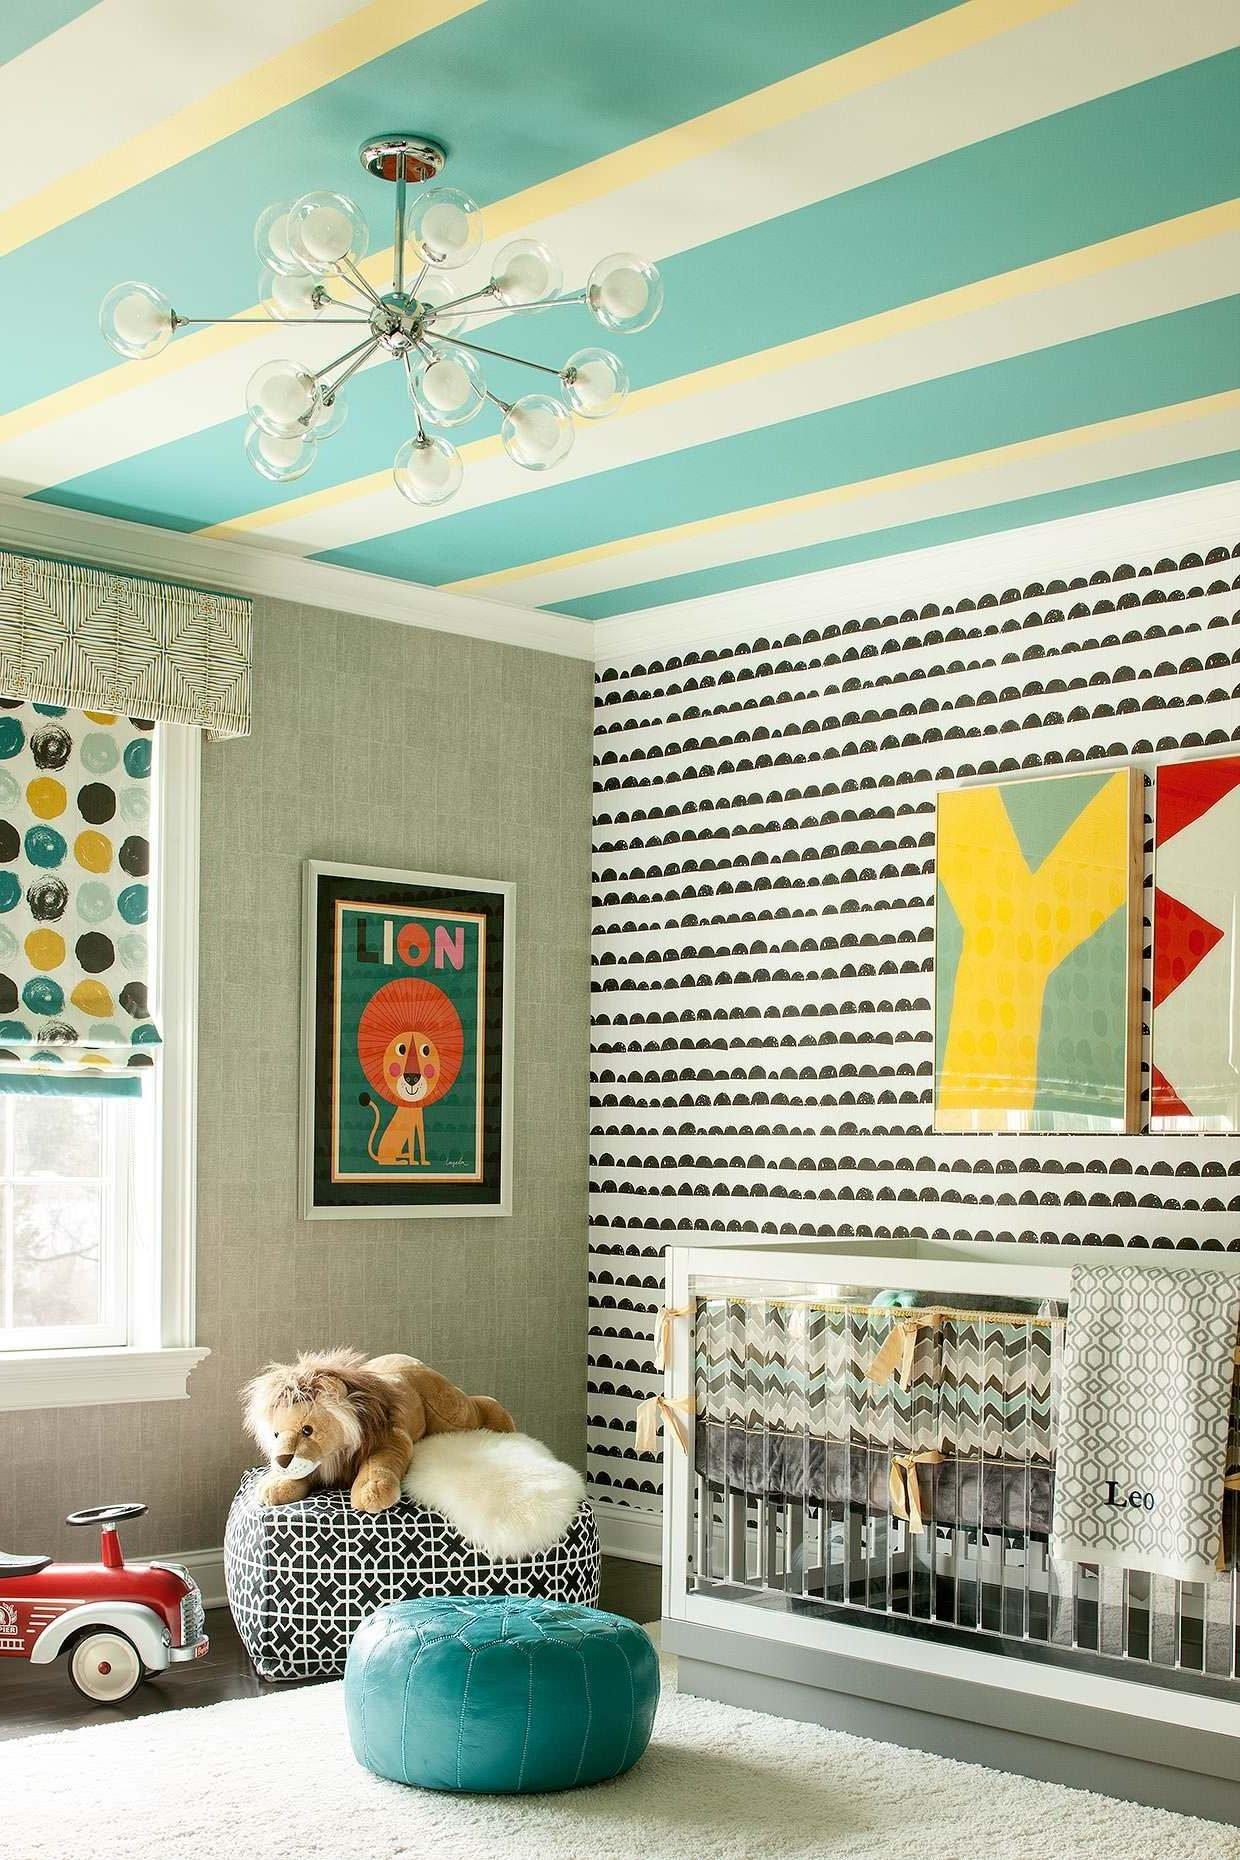 #9 Idee für WandgestaltungSchlafzimmer: Du bist mein kleiner König